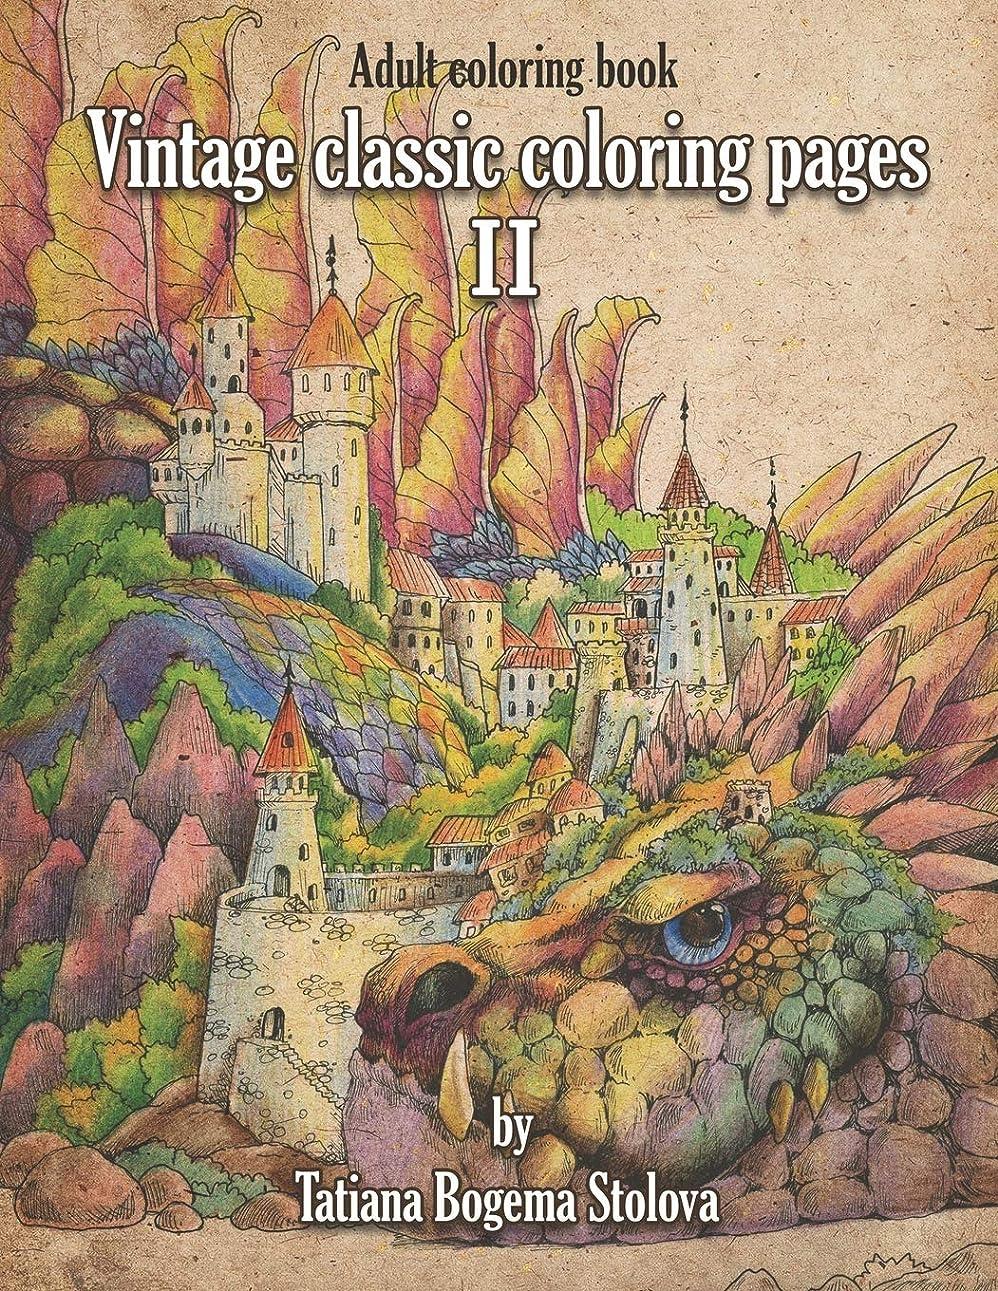 レイプ慣習側Vintage Classic Coloring Pages II: Relaxing coloring pages, Stress Relieving Designs, Dragons, Women, Beasts, Fairies and More